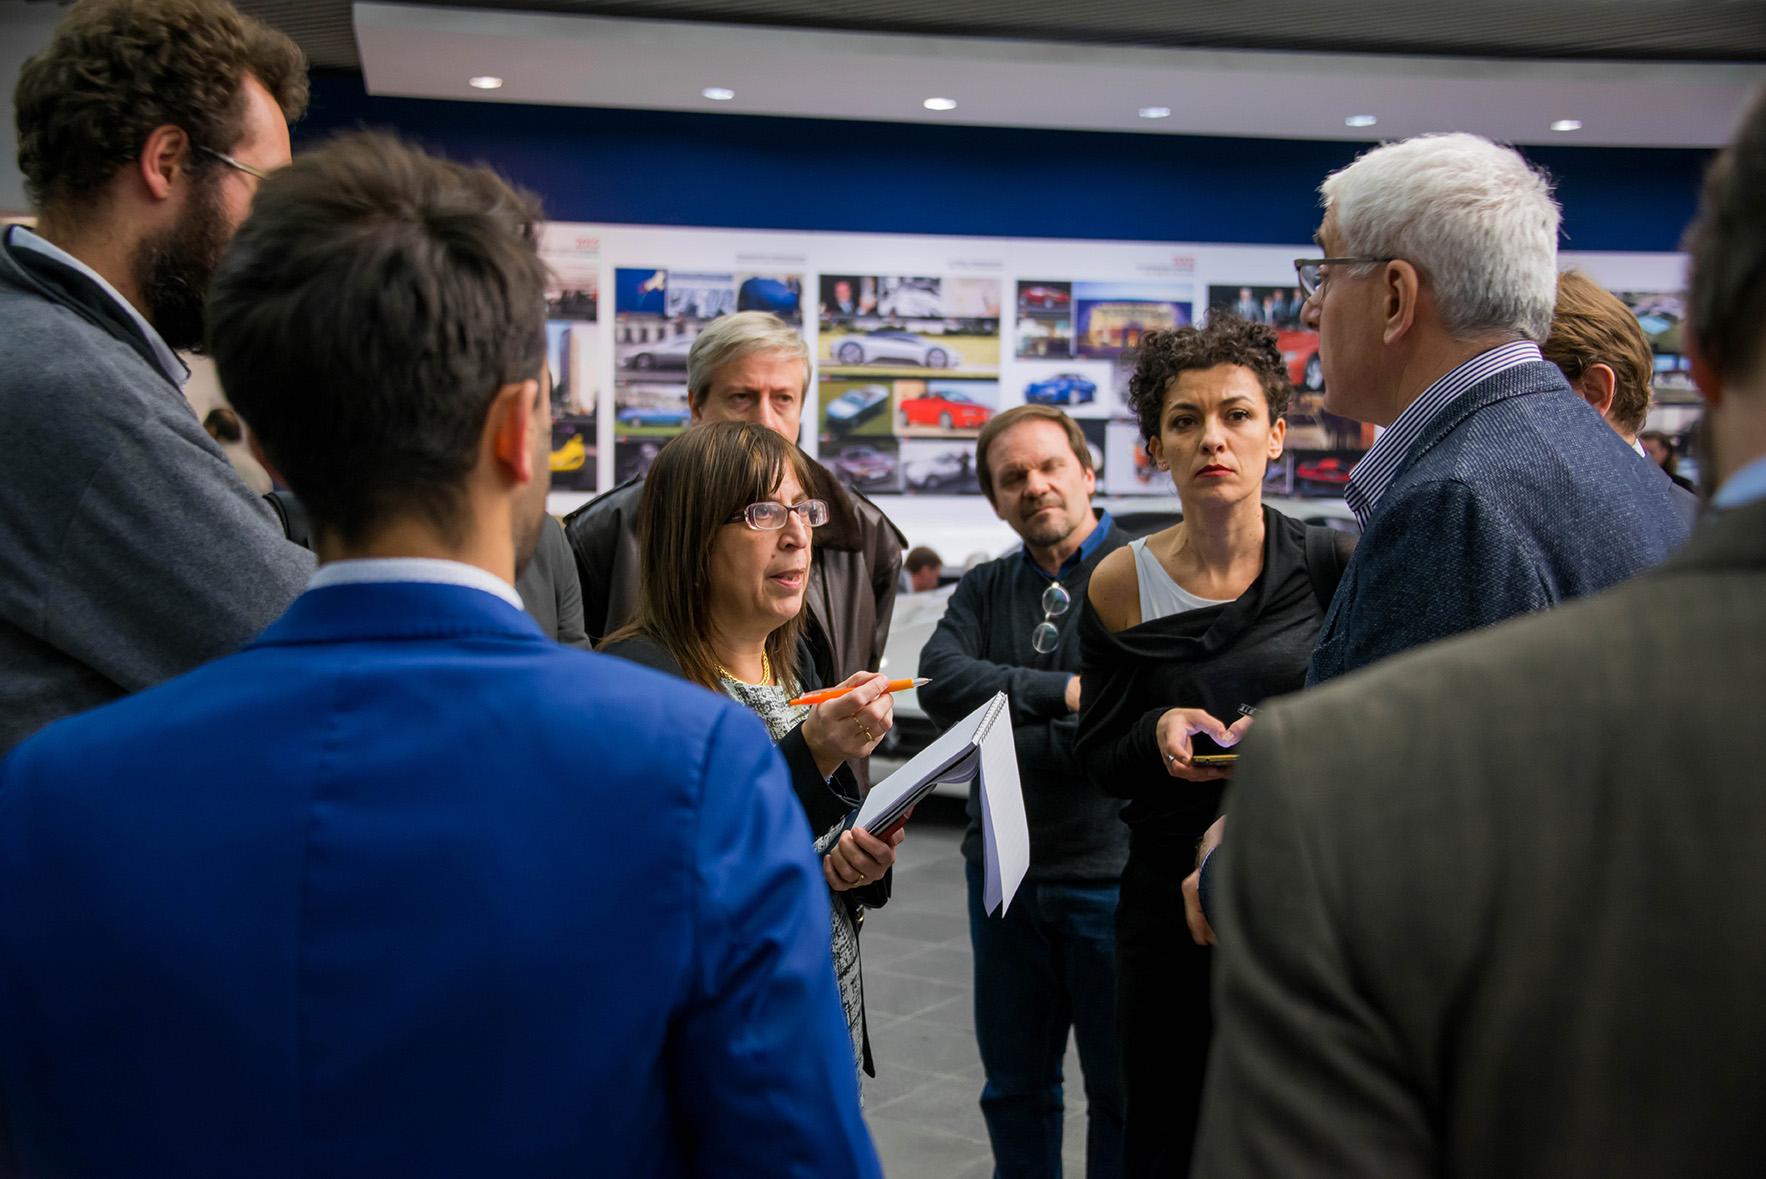 Spacesuit-Media-Marta-Rovatti-Studihrad-FIA-Formula-E-Mahindra-2018MGR_4959